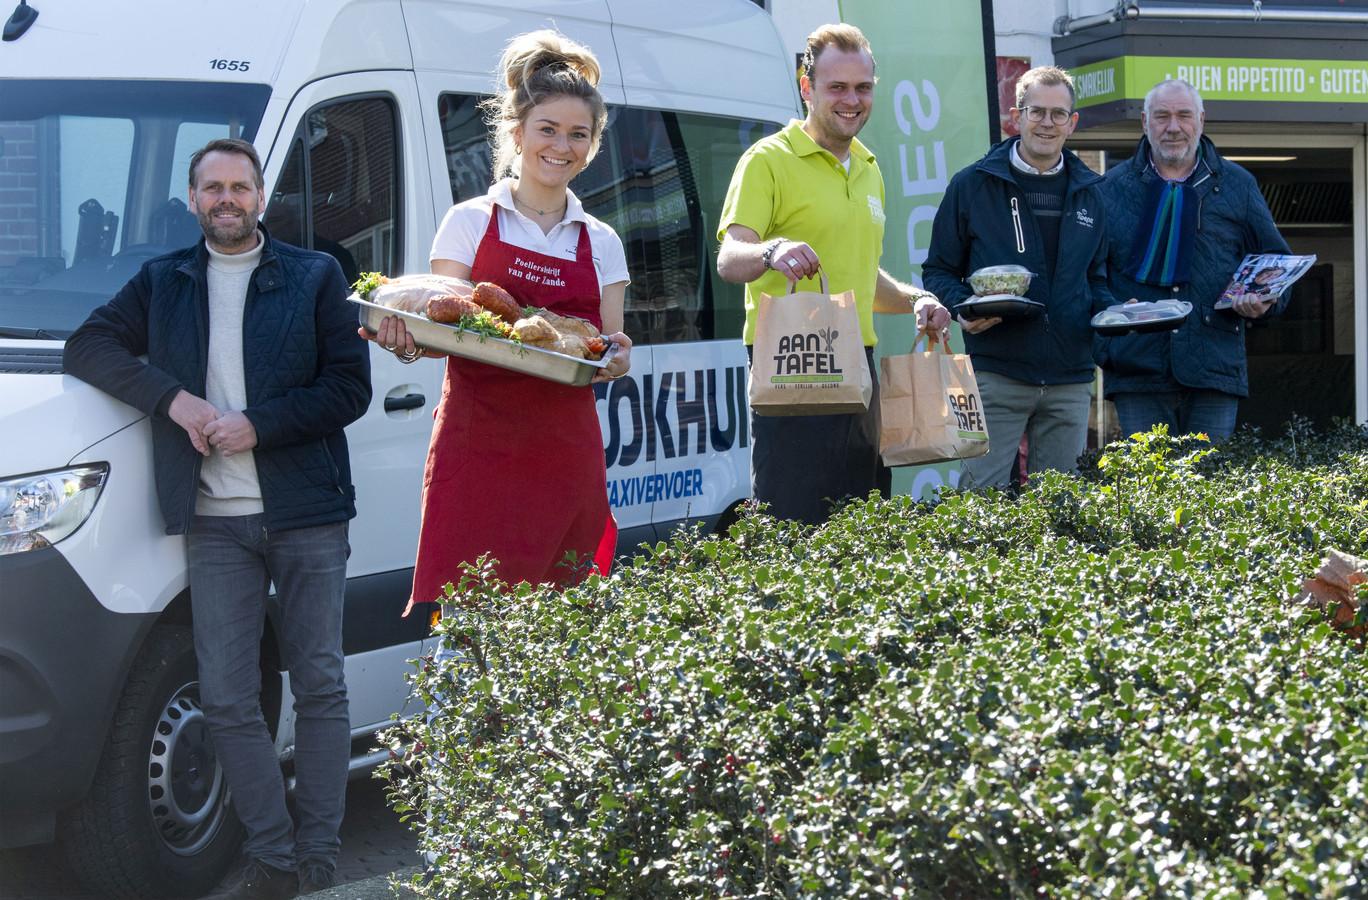 Erwin Brookhuis, Laury van der Zande, Rik Alink, Frank Biesthuis en Marcel Willemsen achter de actie om 500 gratis maaltijden aan huis te bezorgen bij ouderen in Noordoost-Twente die vanwege de coronacrisis hun huis bijna niet meer uitkomen.